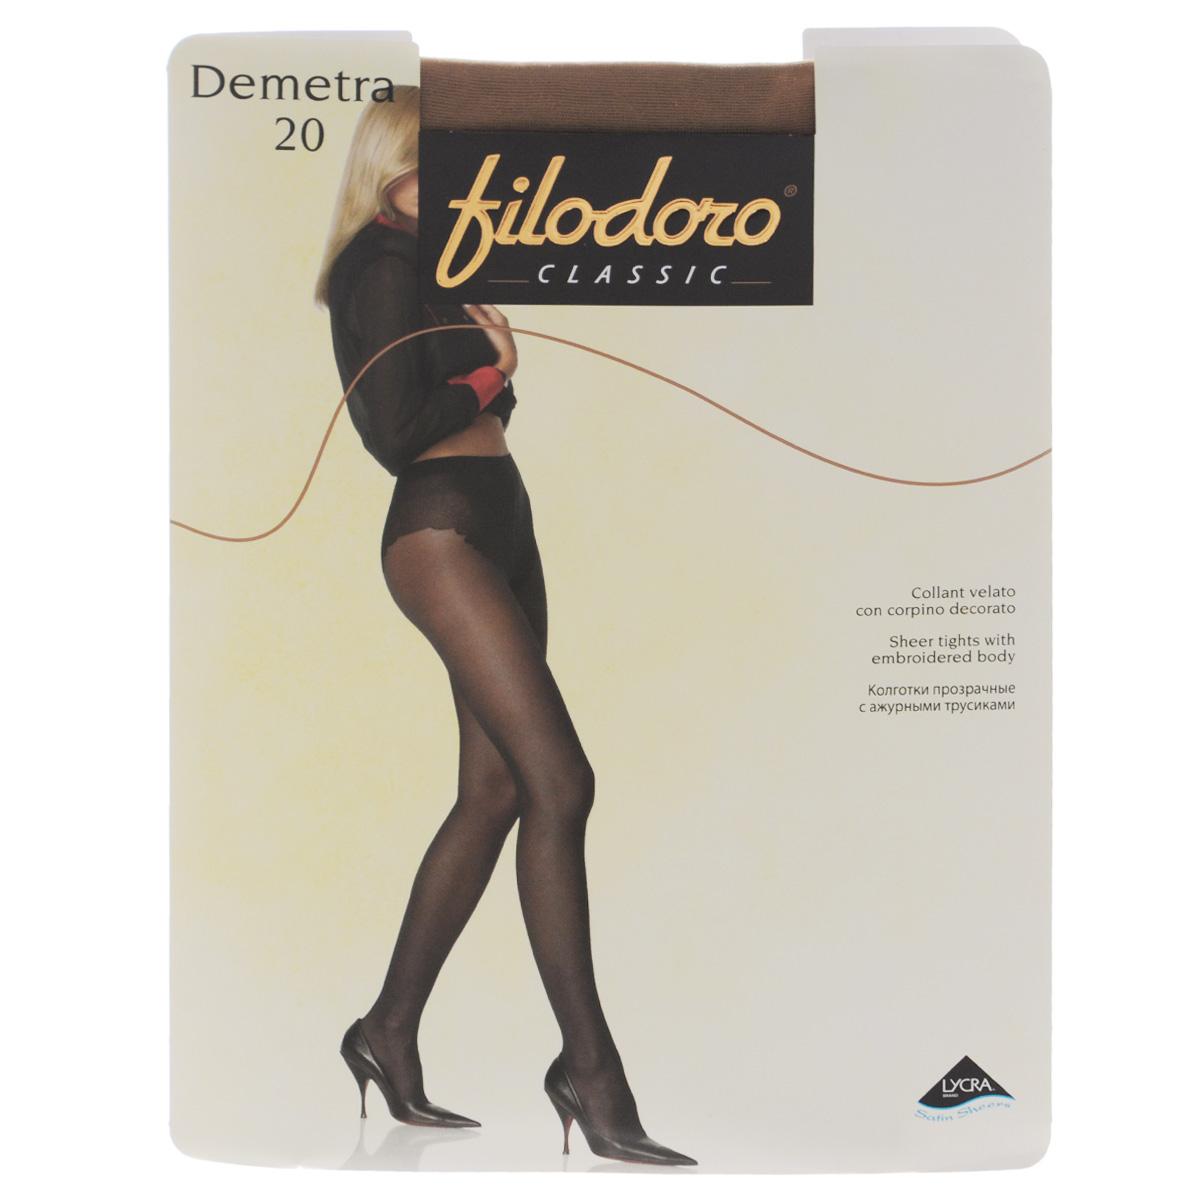 Колготки женские Demetra 20. C114066FCC114066FCТонкие матовые колготки Filodoro Classic Demetra с высокими ажурными трусиками, гигиеничной ластовицей, удобным швом и невидимым мыском. Плотность: 20 den.